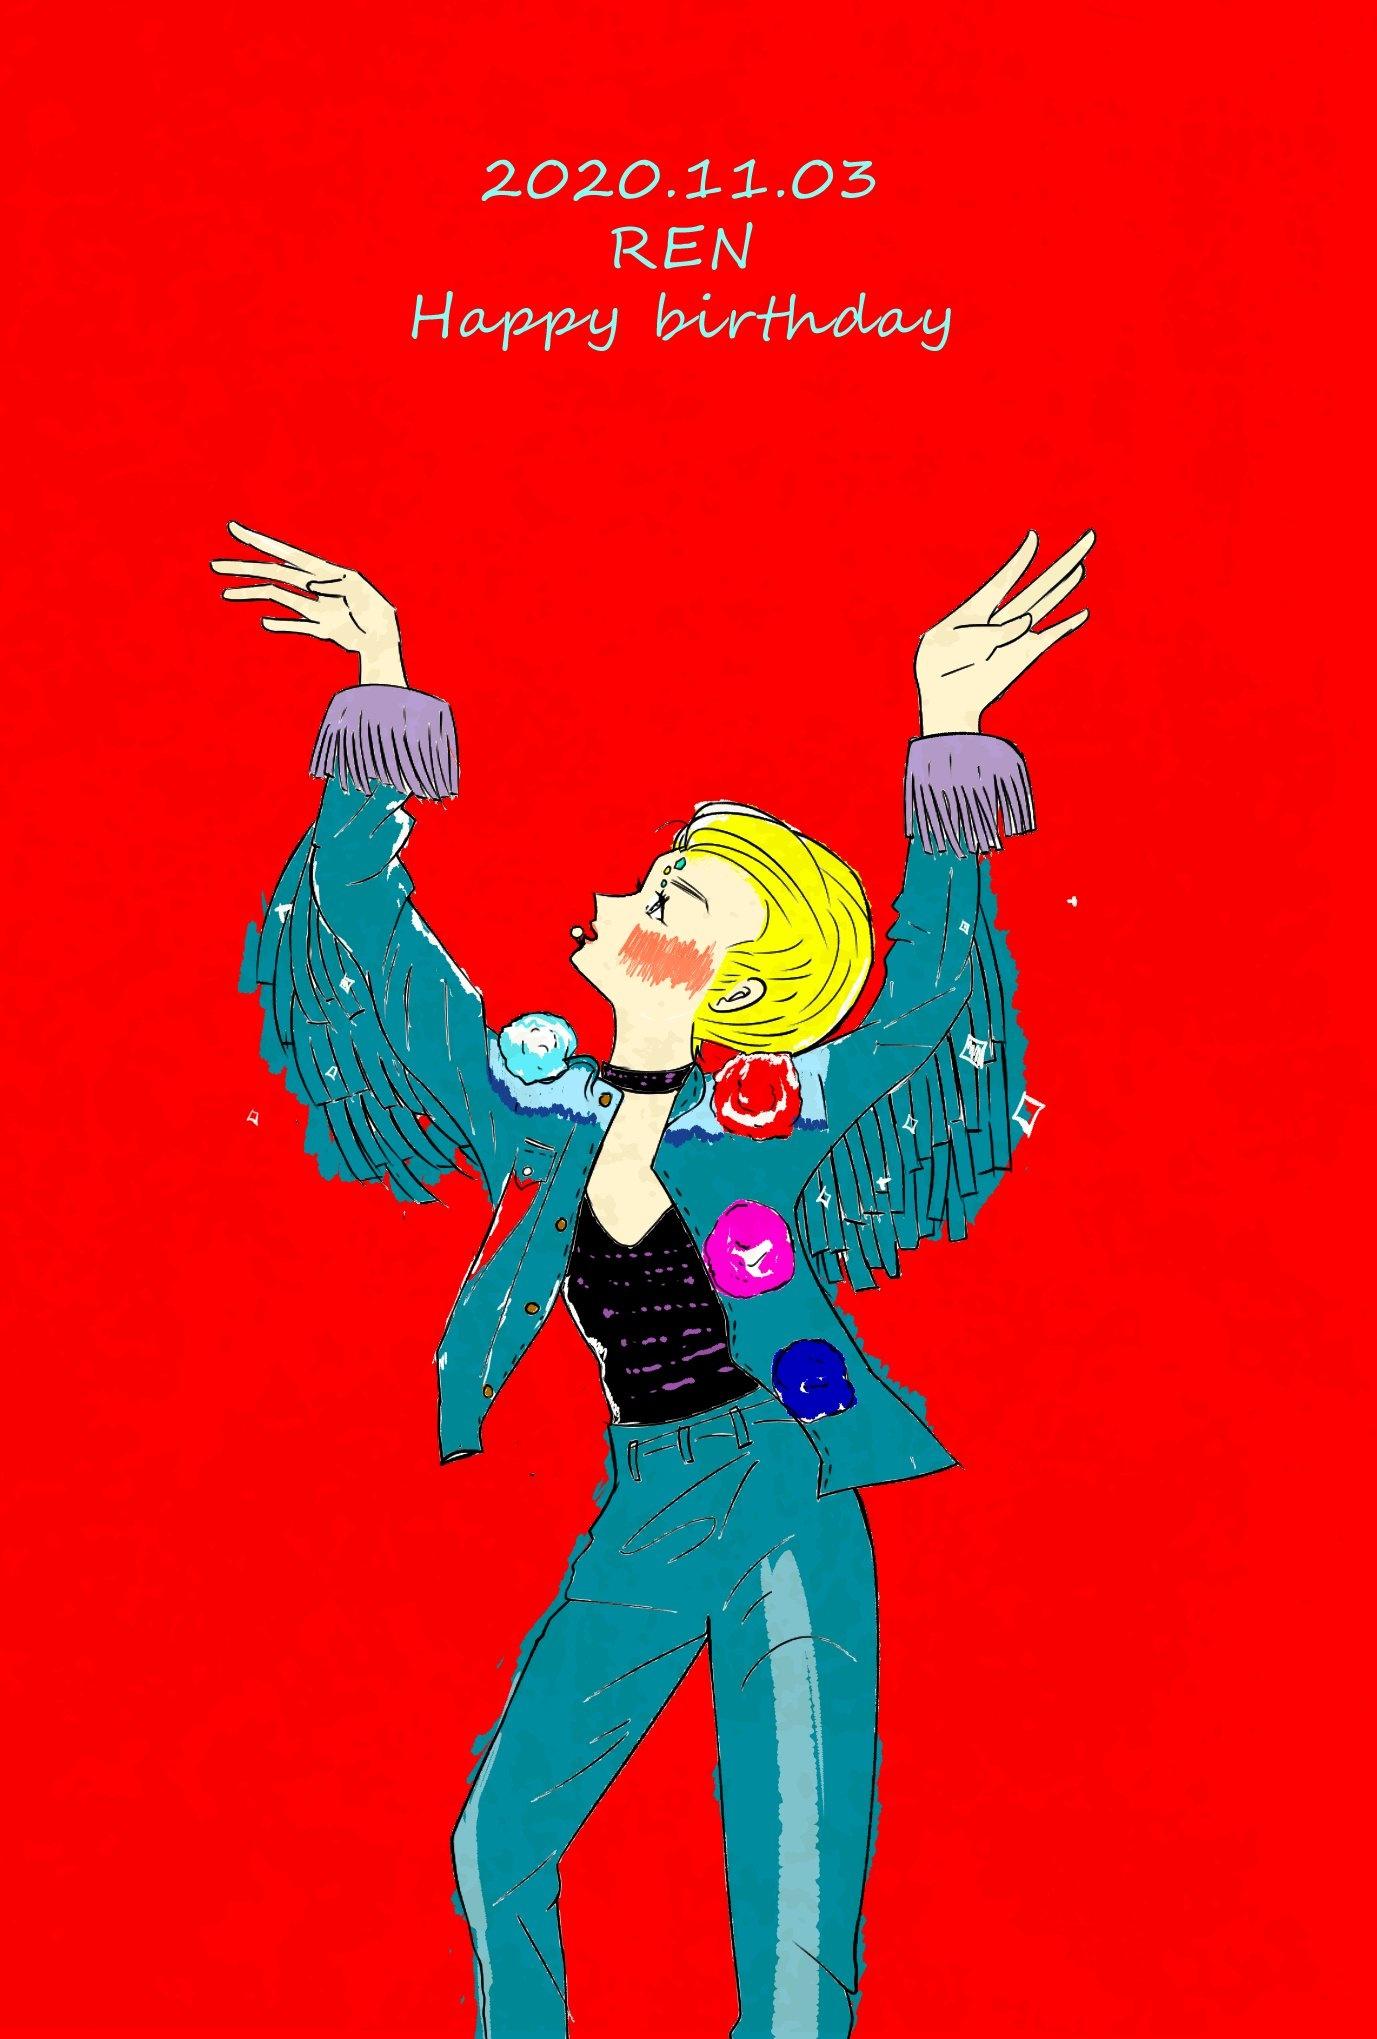 嬌翹淫娃 - 補11/03補一下珉起的生賀 好喜歡杰珉…珉起真的做得很棒很棒,這是今年珉起非常重要的里程碑了 ...